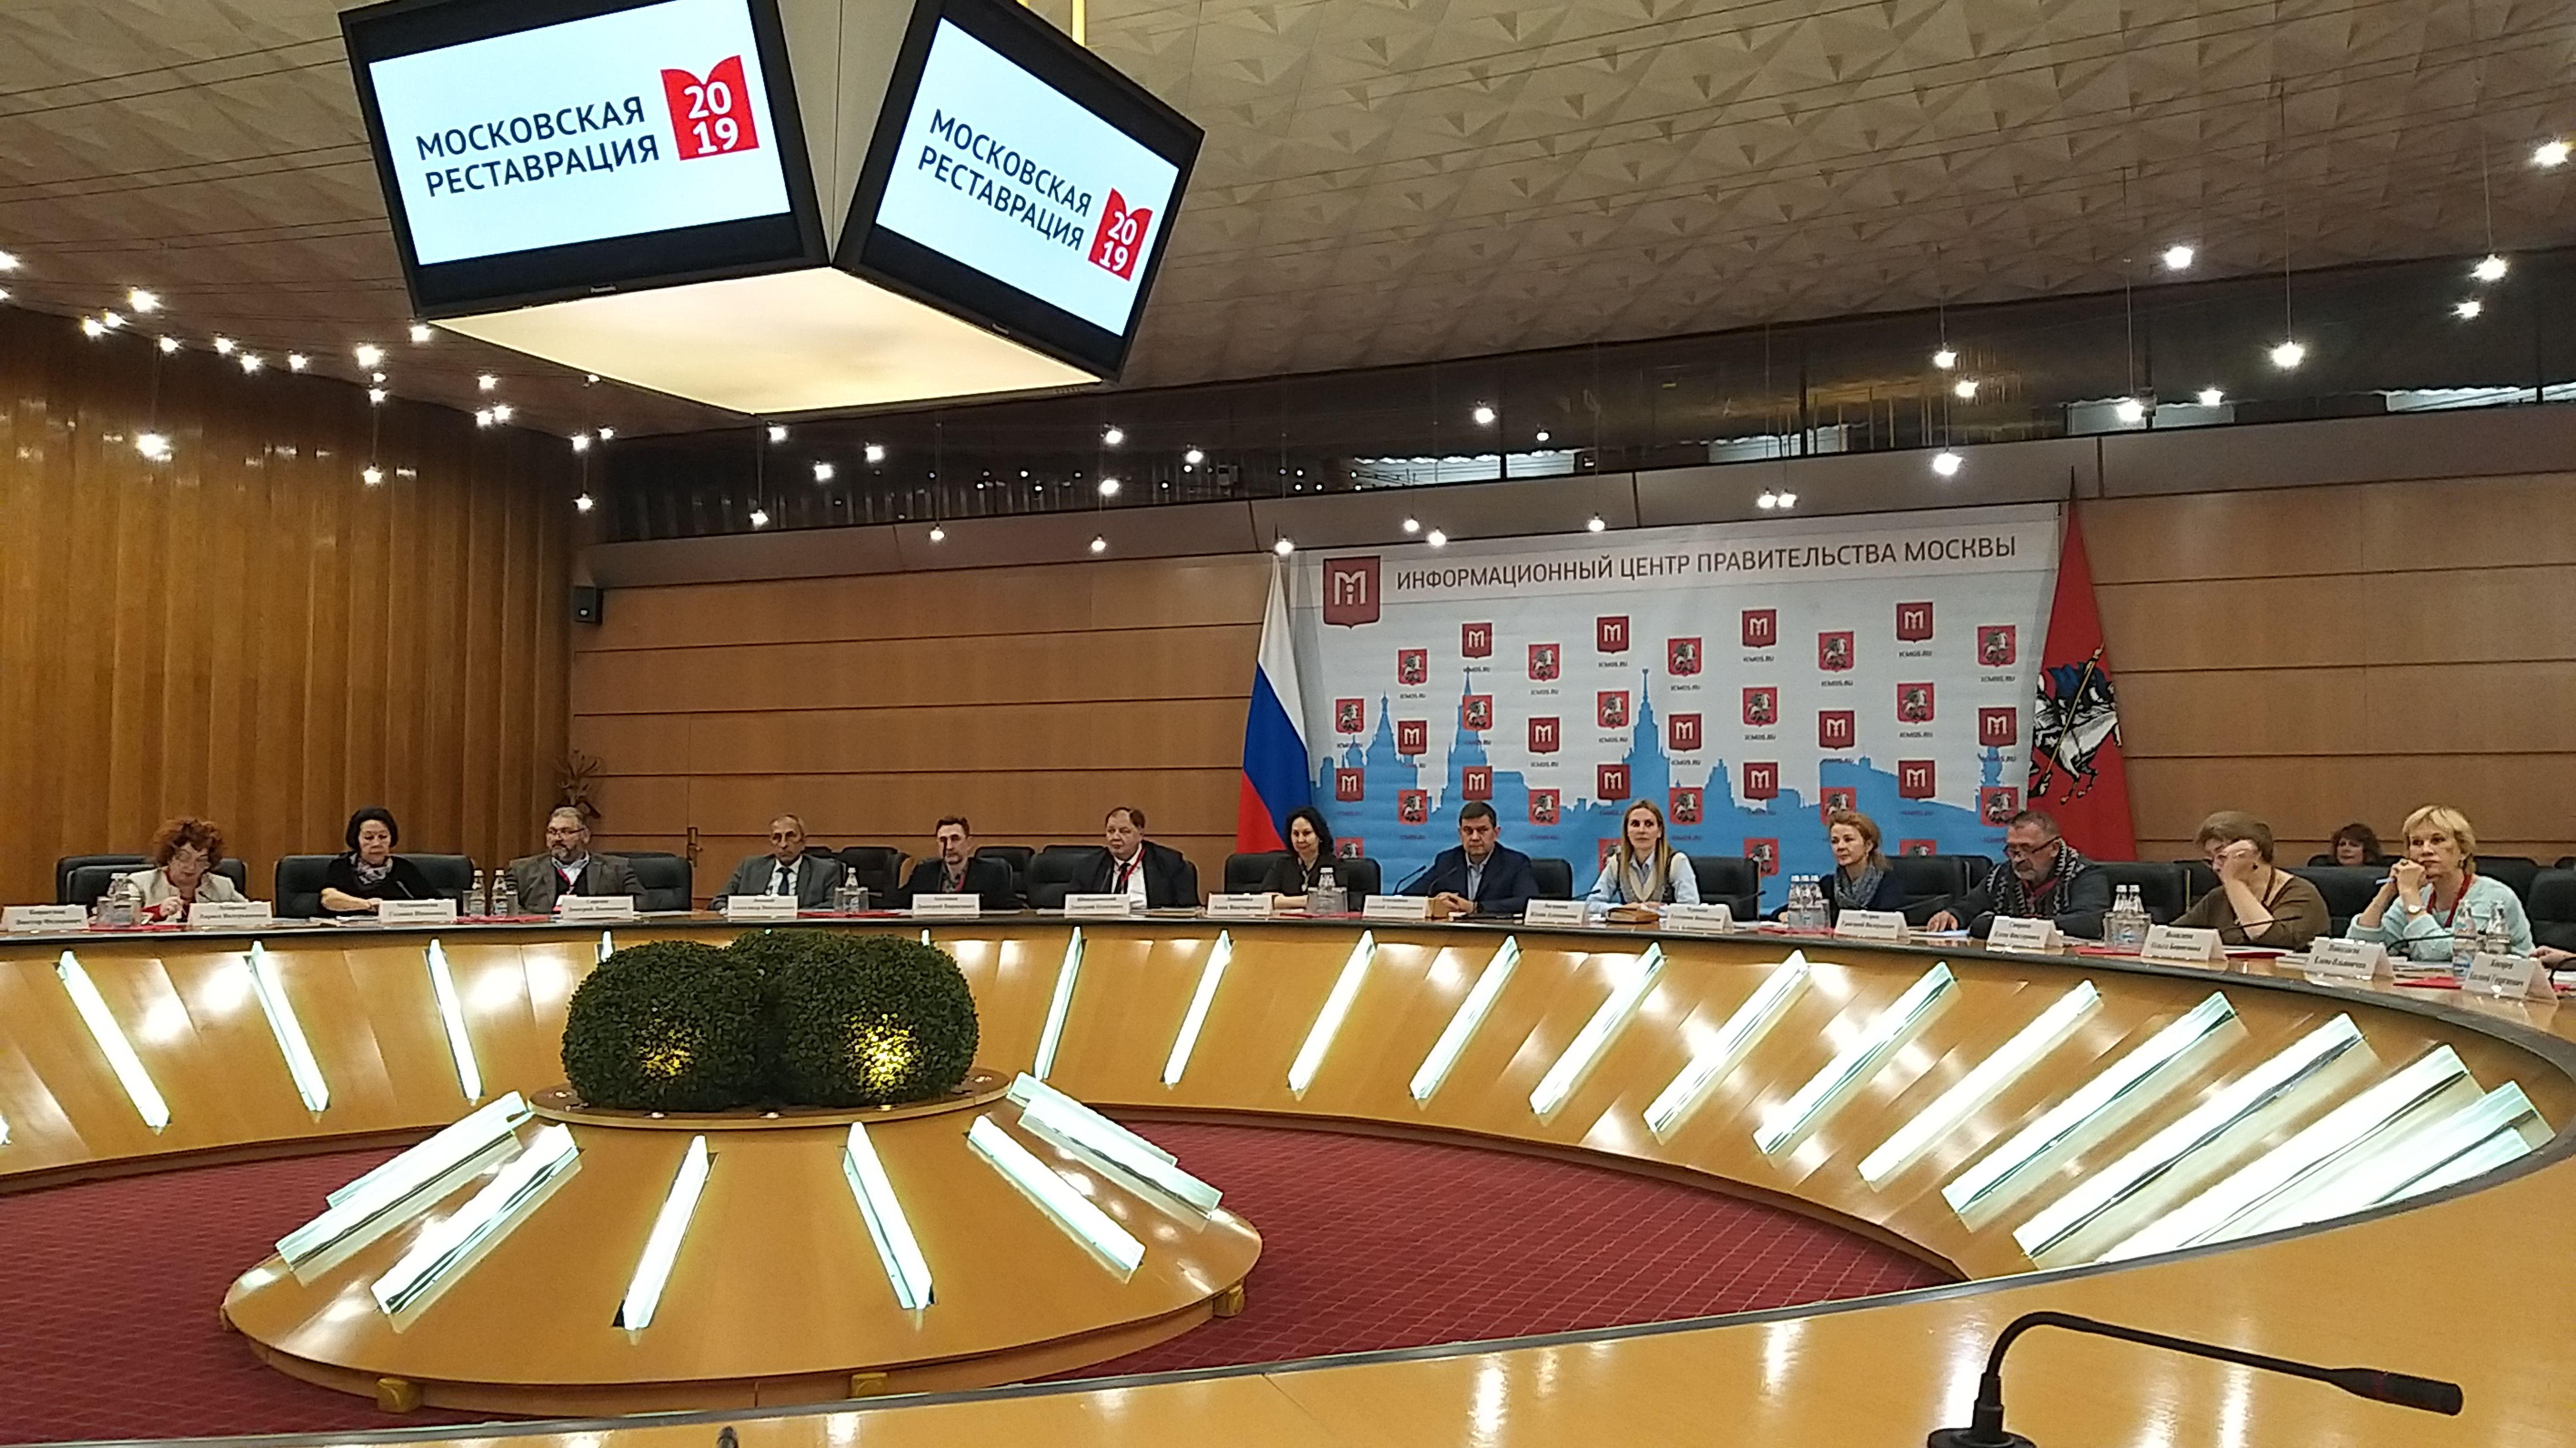 Пресс-конференцию в рамках конкурса «Московская реставрация — 2019» провели в столице